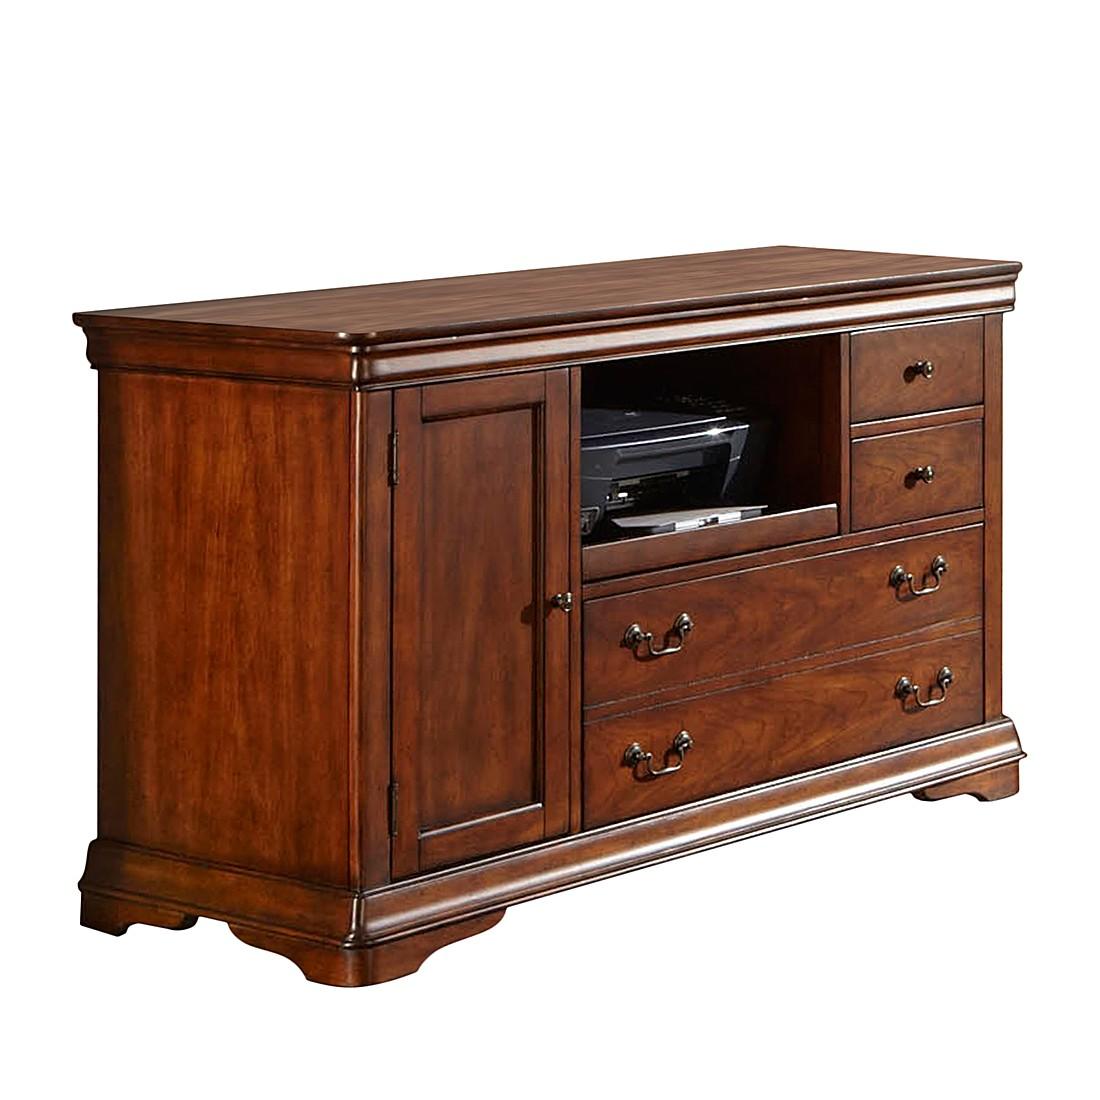 m bel sideboard nussbaum preisvergleich die besten angebote online kaufen. Black Bedroom Furniture Sets. Home Design Ideas